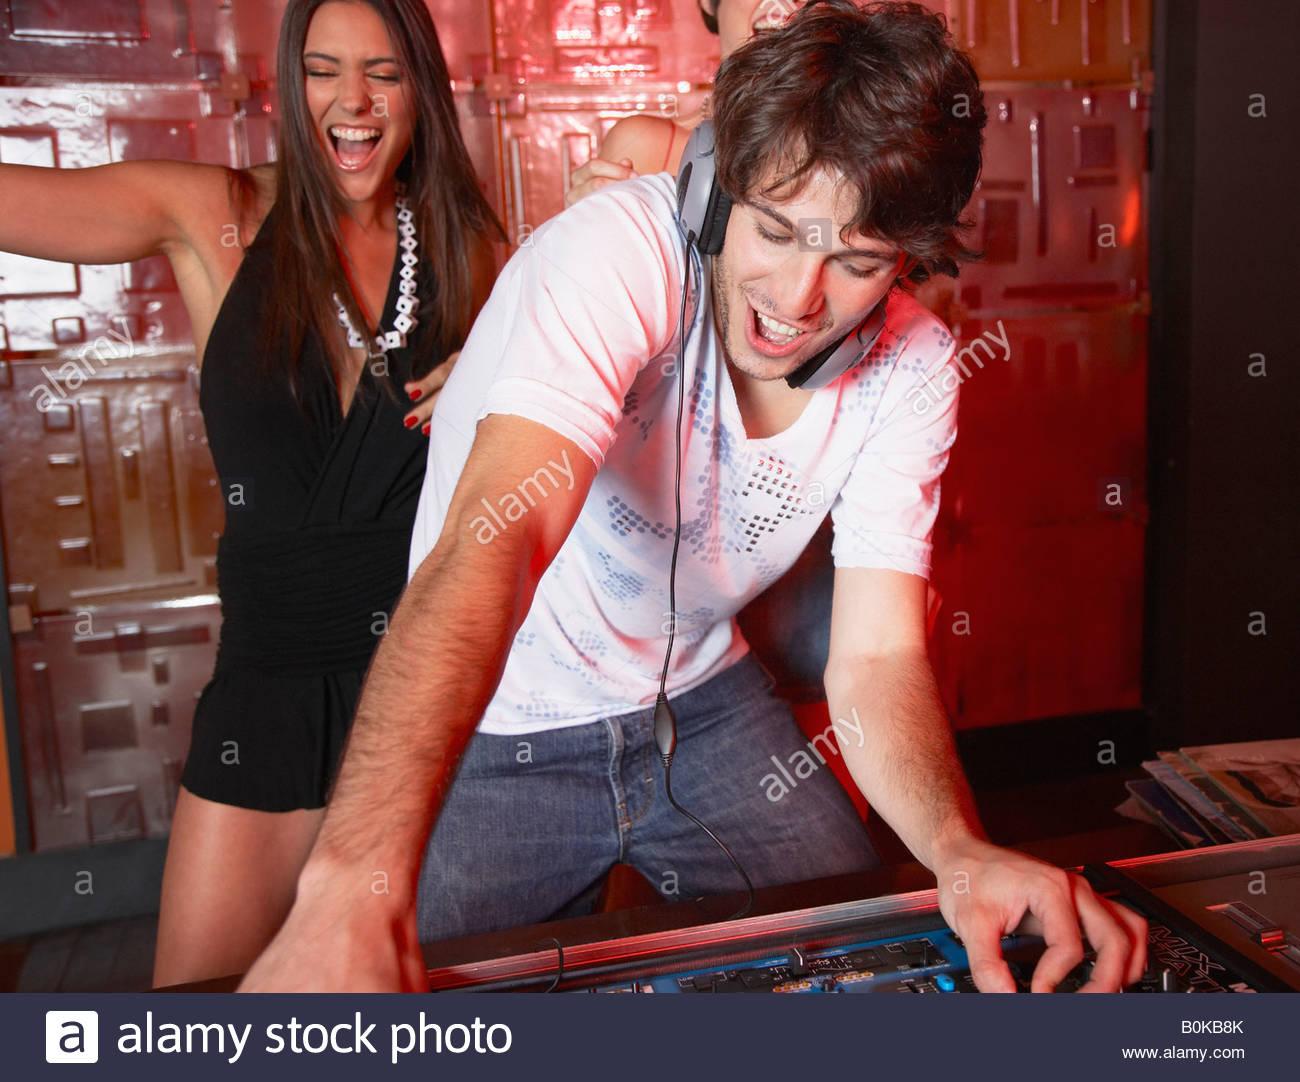 Disc jockey in discoteca con due donne che danzano dietro di lui sorridente Immagini Stock